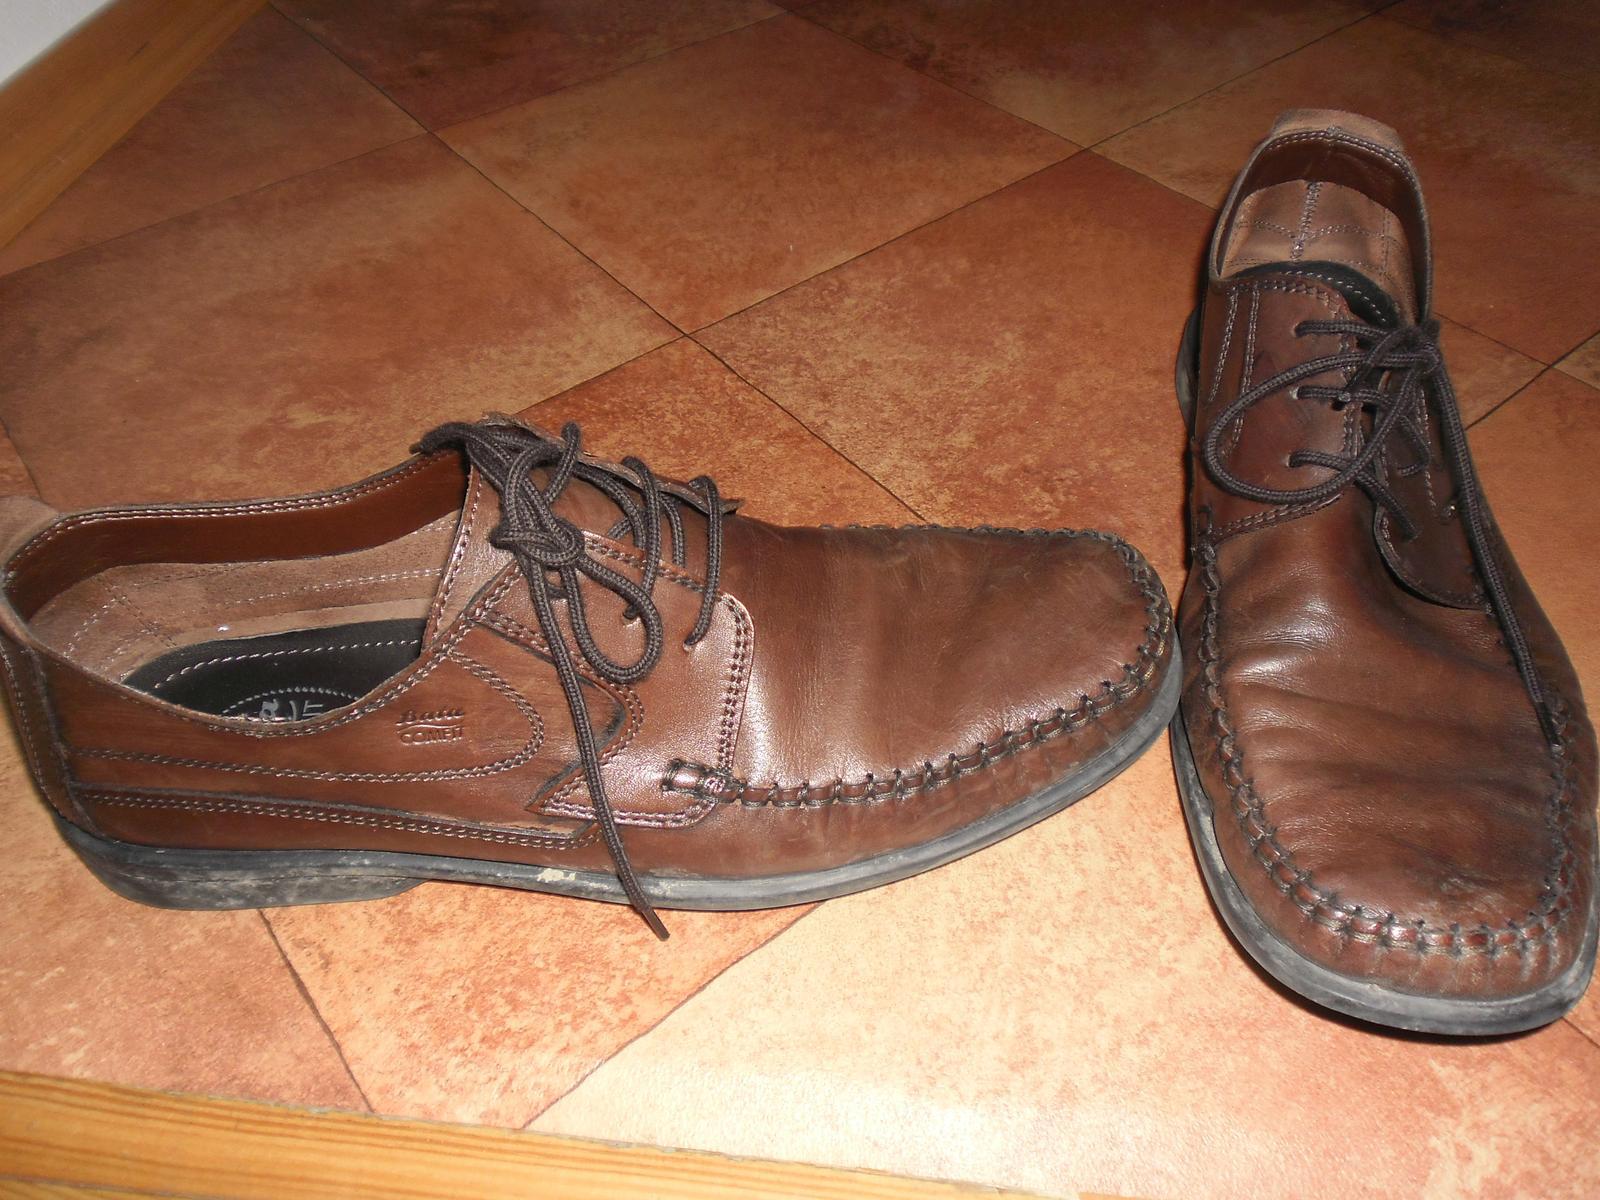 boty Baťa Comfit, vel 45 - Obrázek č. 2